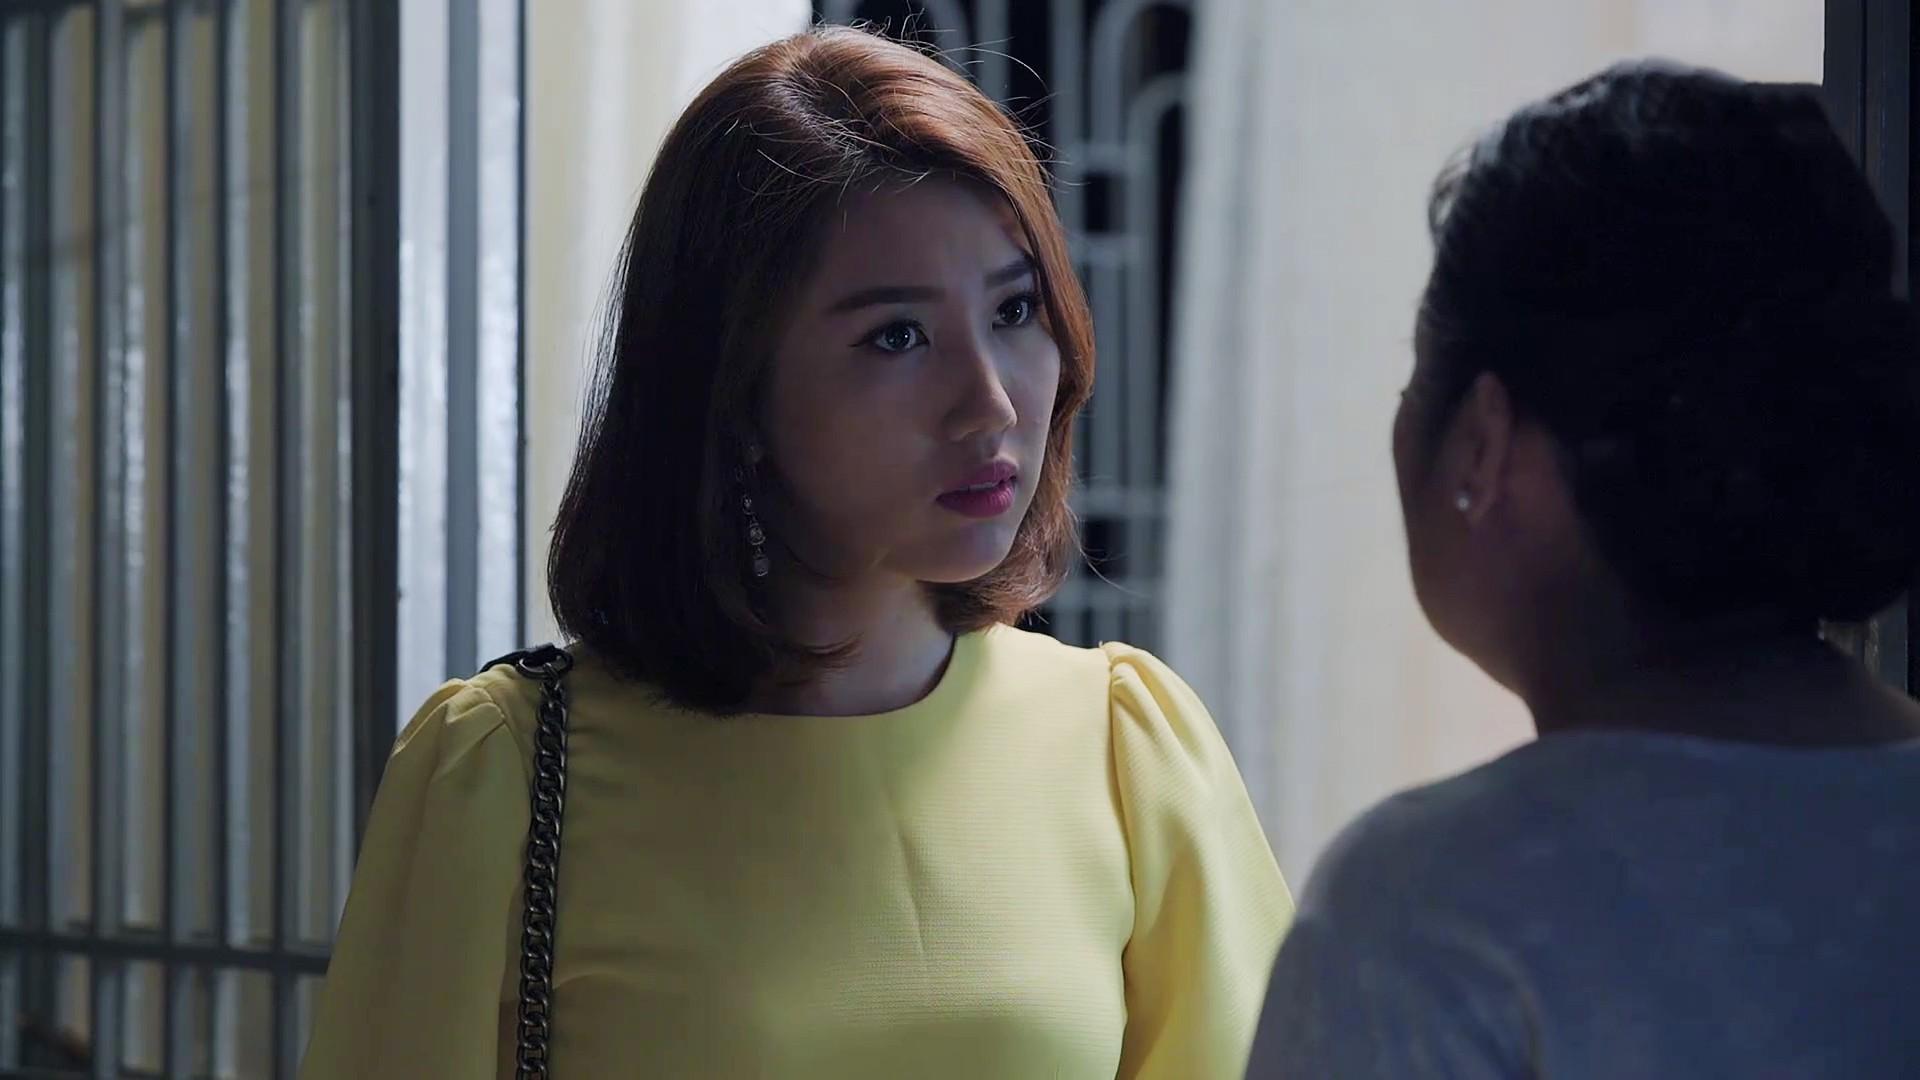 Nghiệp nặng hơn cả My Sói trong Quỳnh Búp Bê, Hân Gạo Nếp Gạo Tẻ mới đích thị là trùm tạo nghiệp màn ảnh Việt - Ảnh 5.